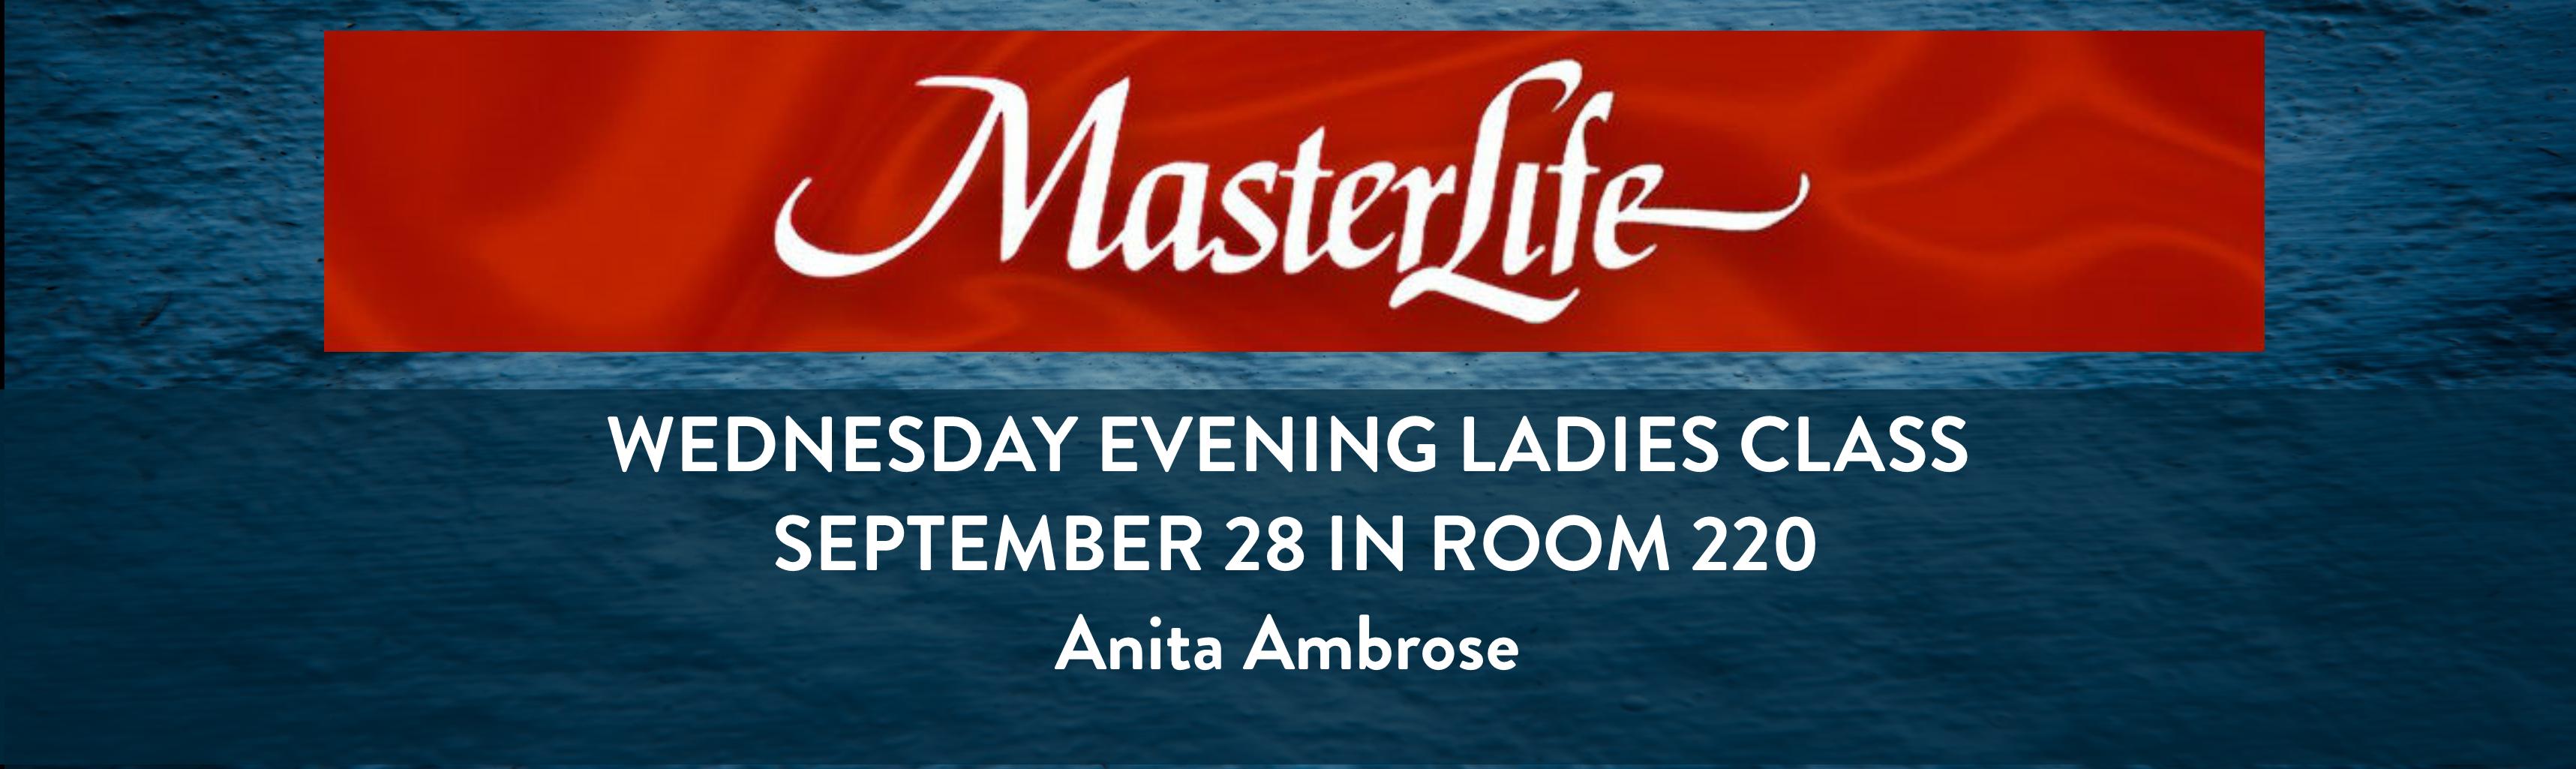 Ambrose masterlife